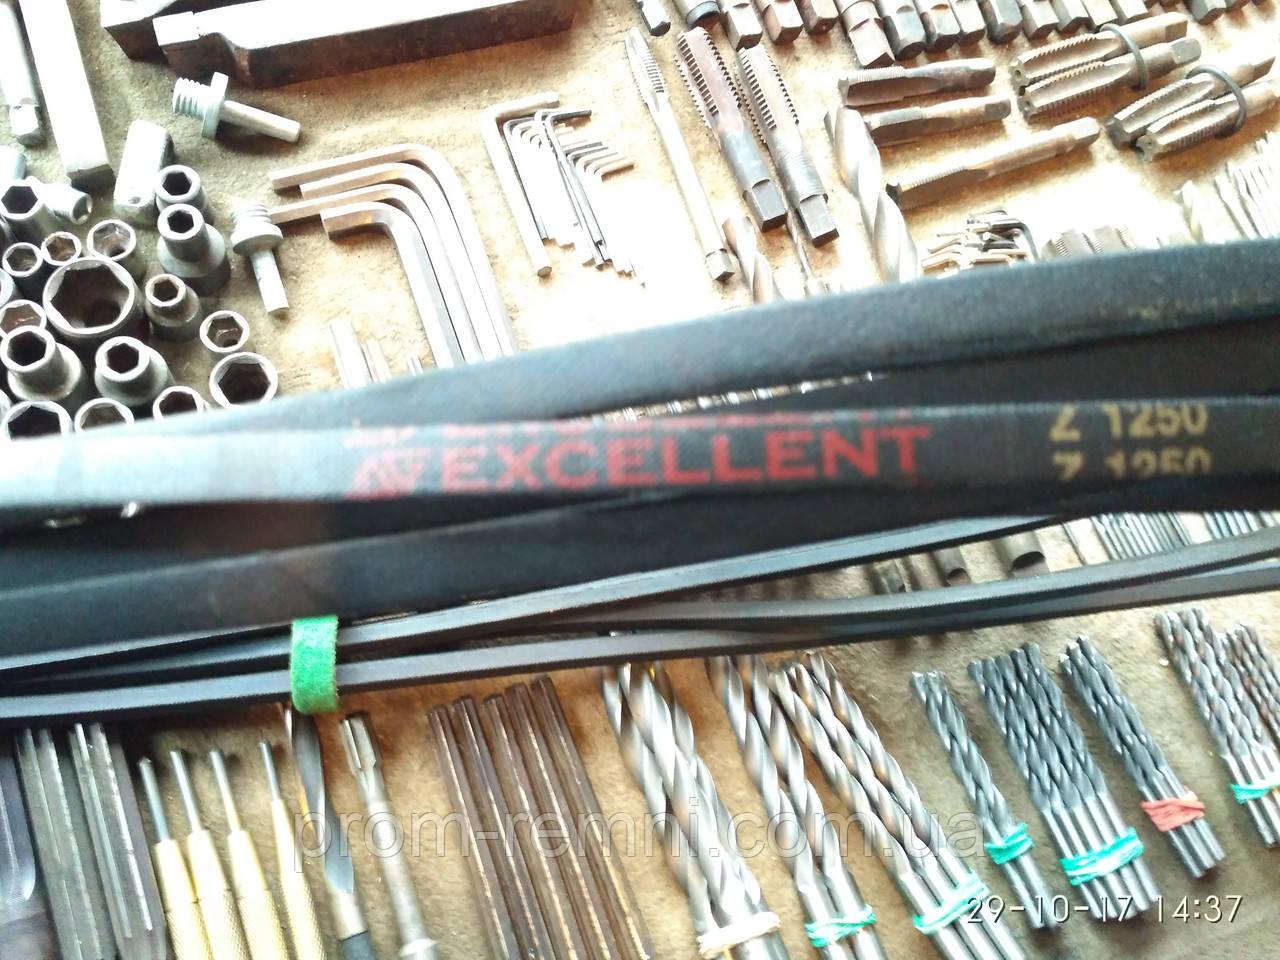 Приводной клиновой ремень Z(0)-1250 Excellent, 1250 мм